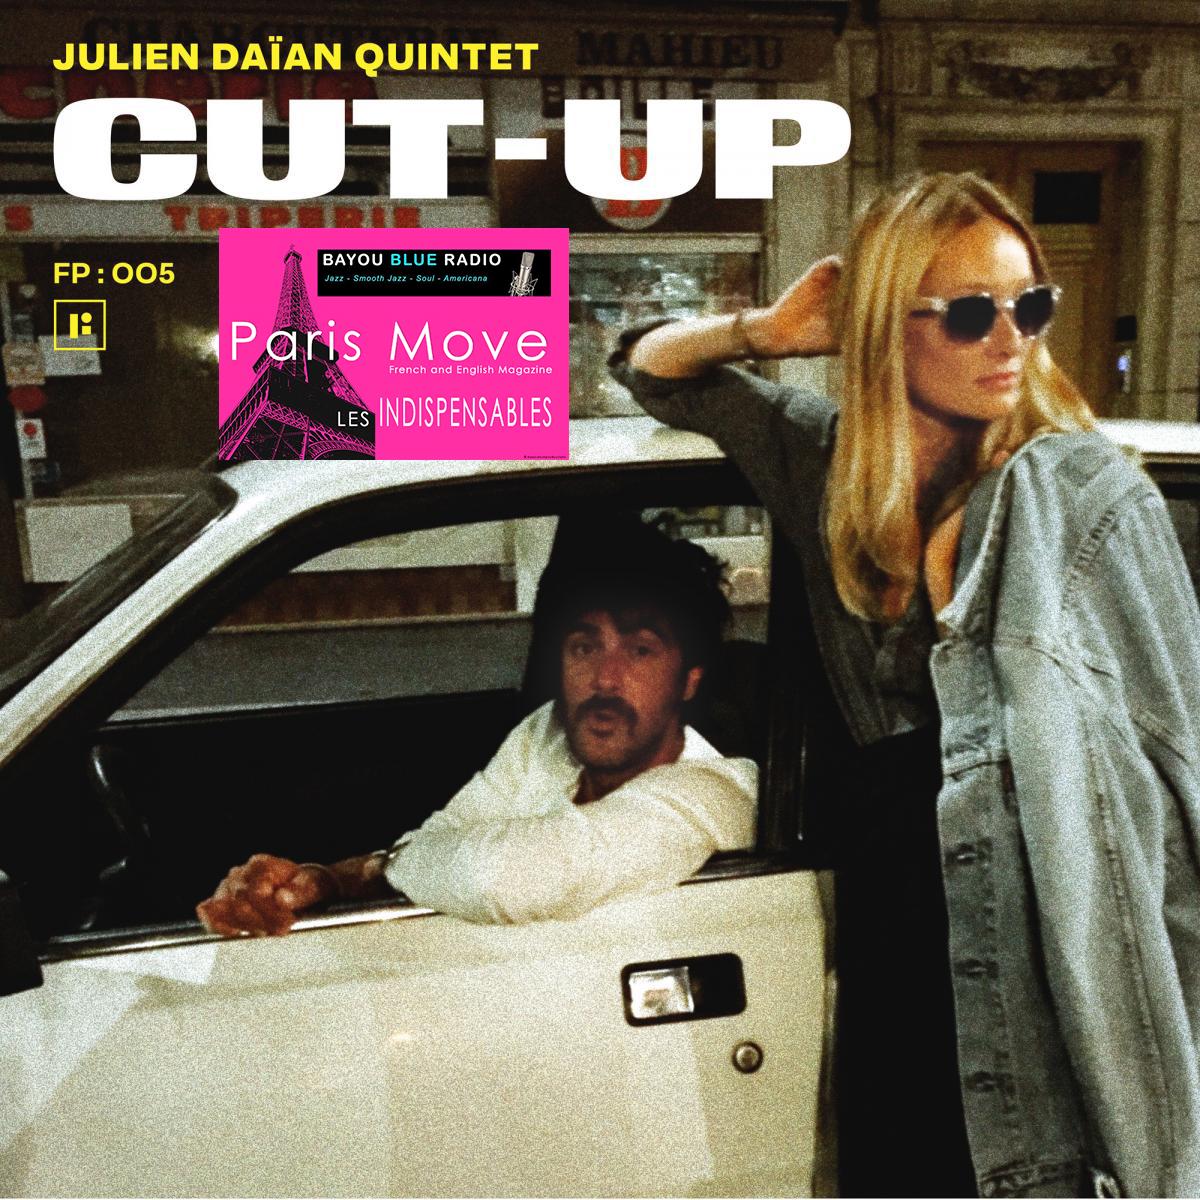 Julien Daian Quintet - Cut Up